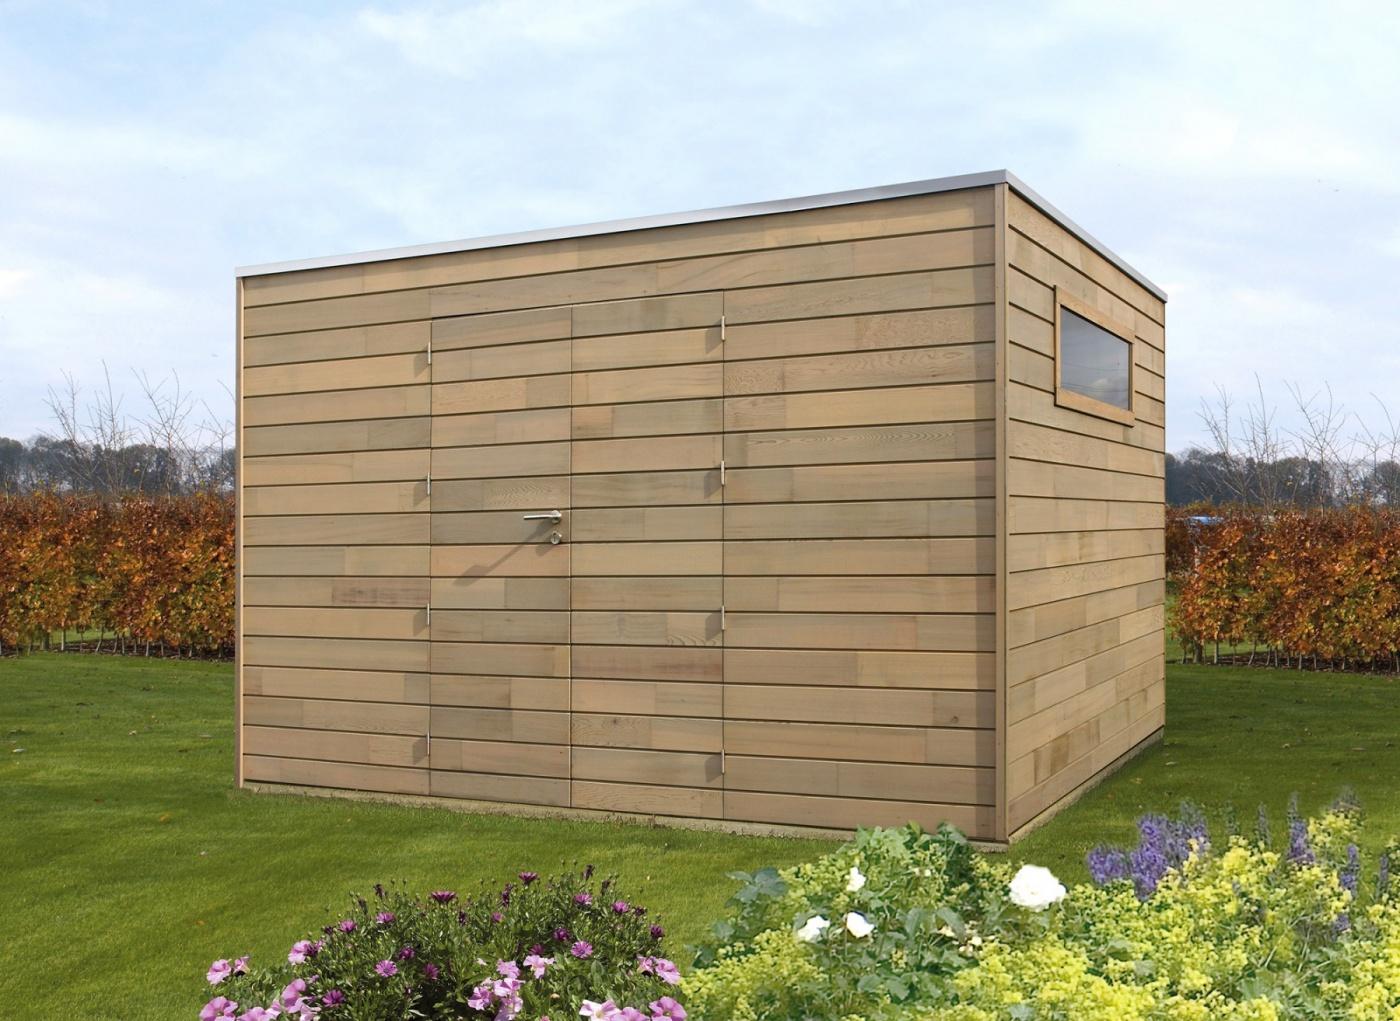 Cubic modern tuinhuis | moderne tuinhuizen | West-Vlaanderen